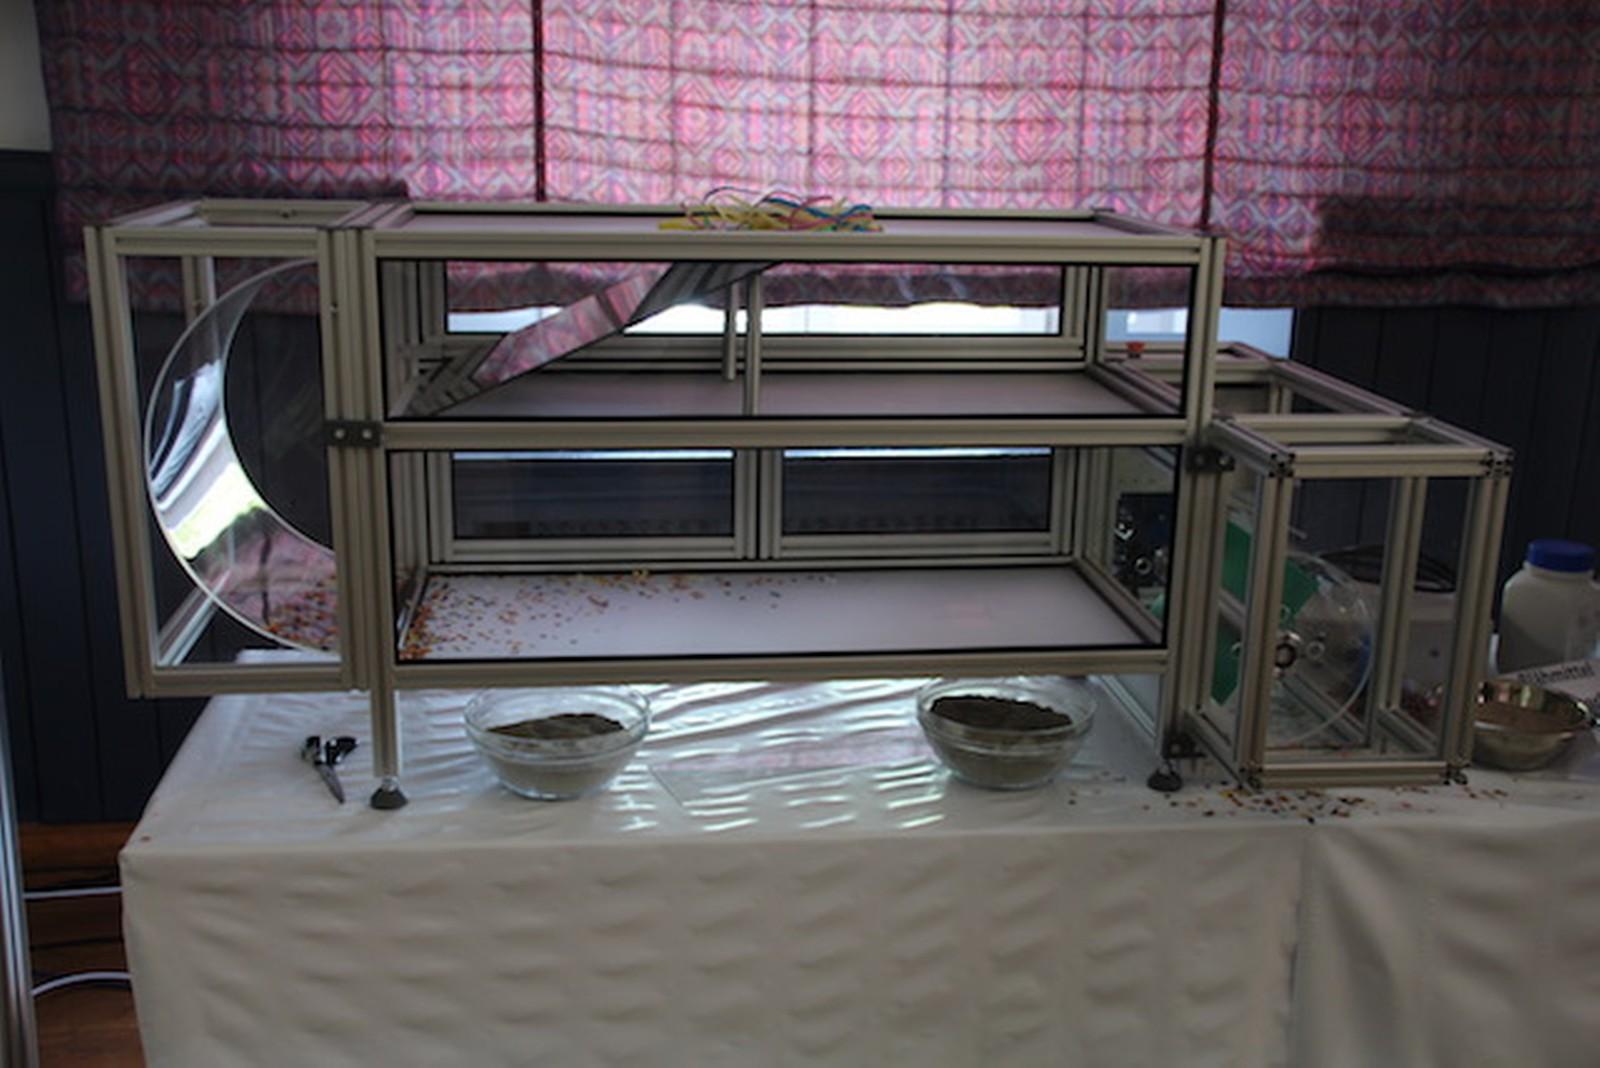 Die Demonstration des neuen Sichters erfolgte mit Konfetti – bald sollen diese Anlagen auch an Bandübergaben mit echter Gesteinskörnung zum Einsatz kommen.